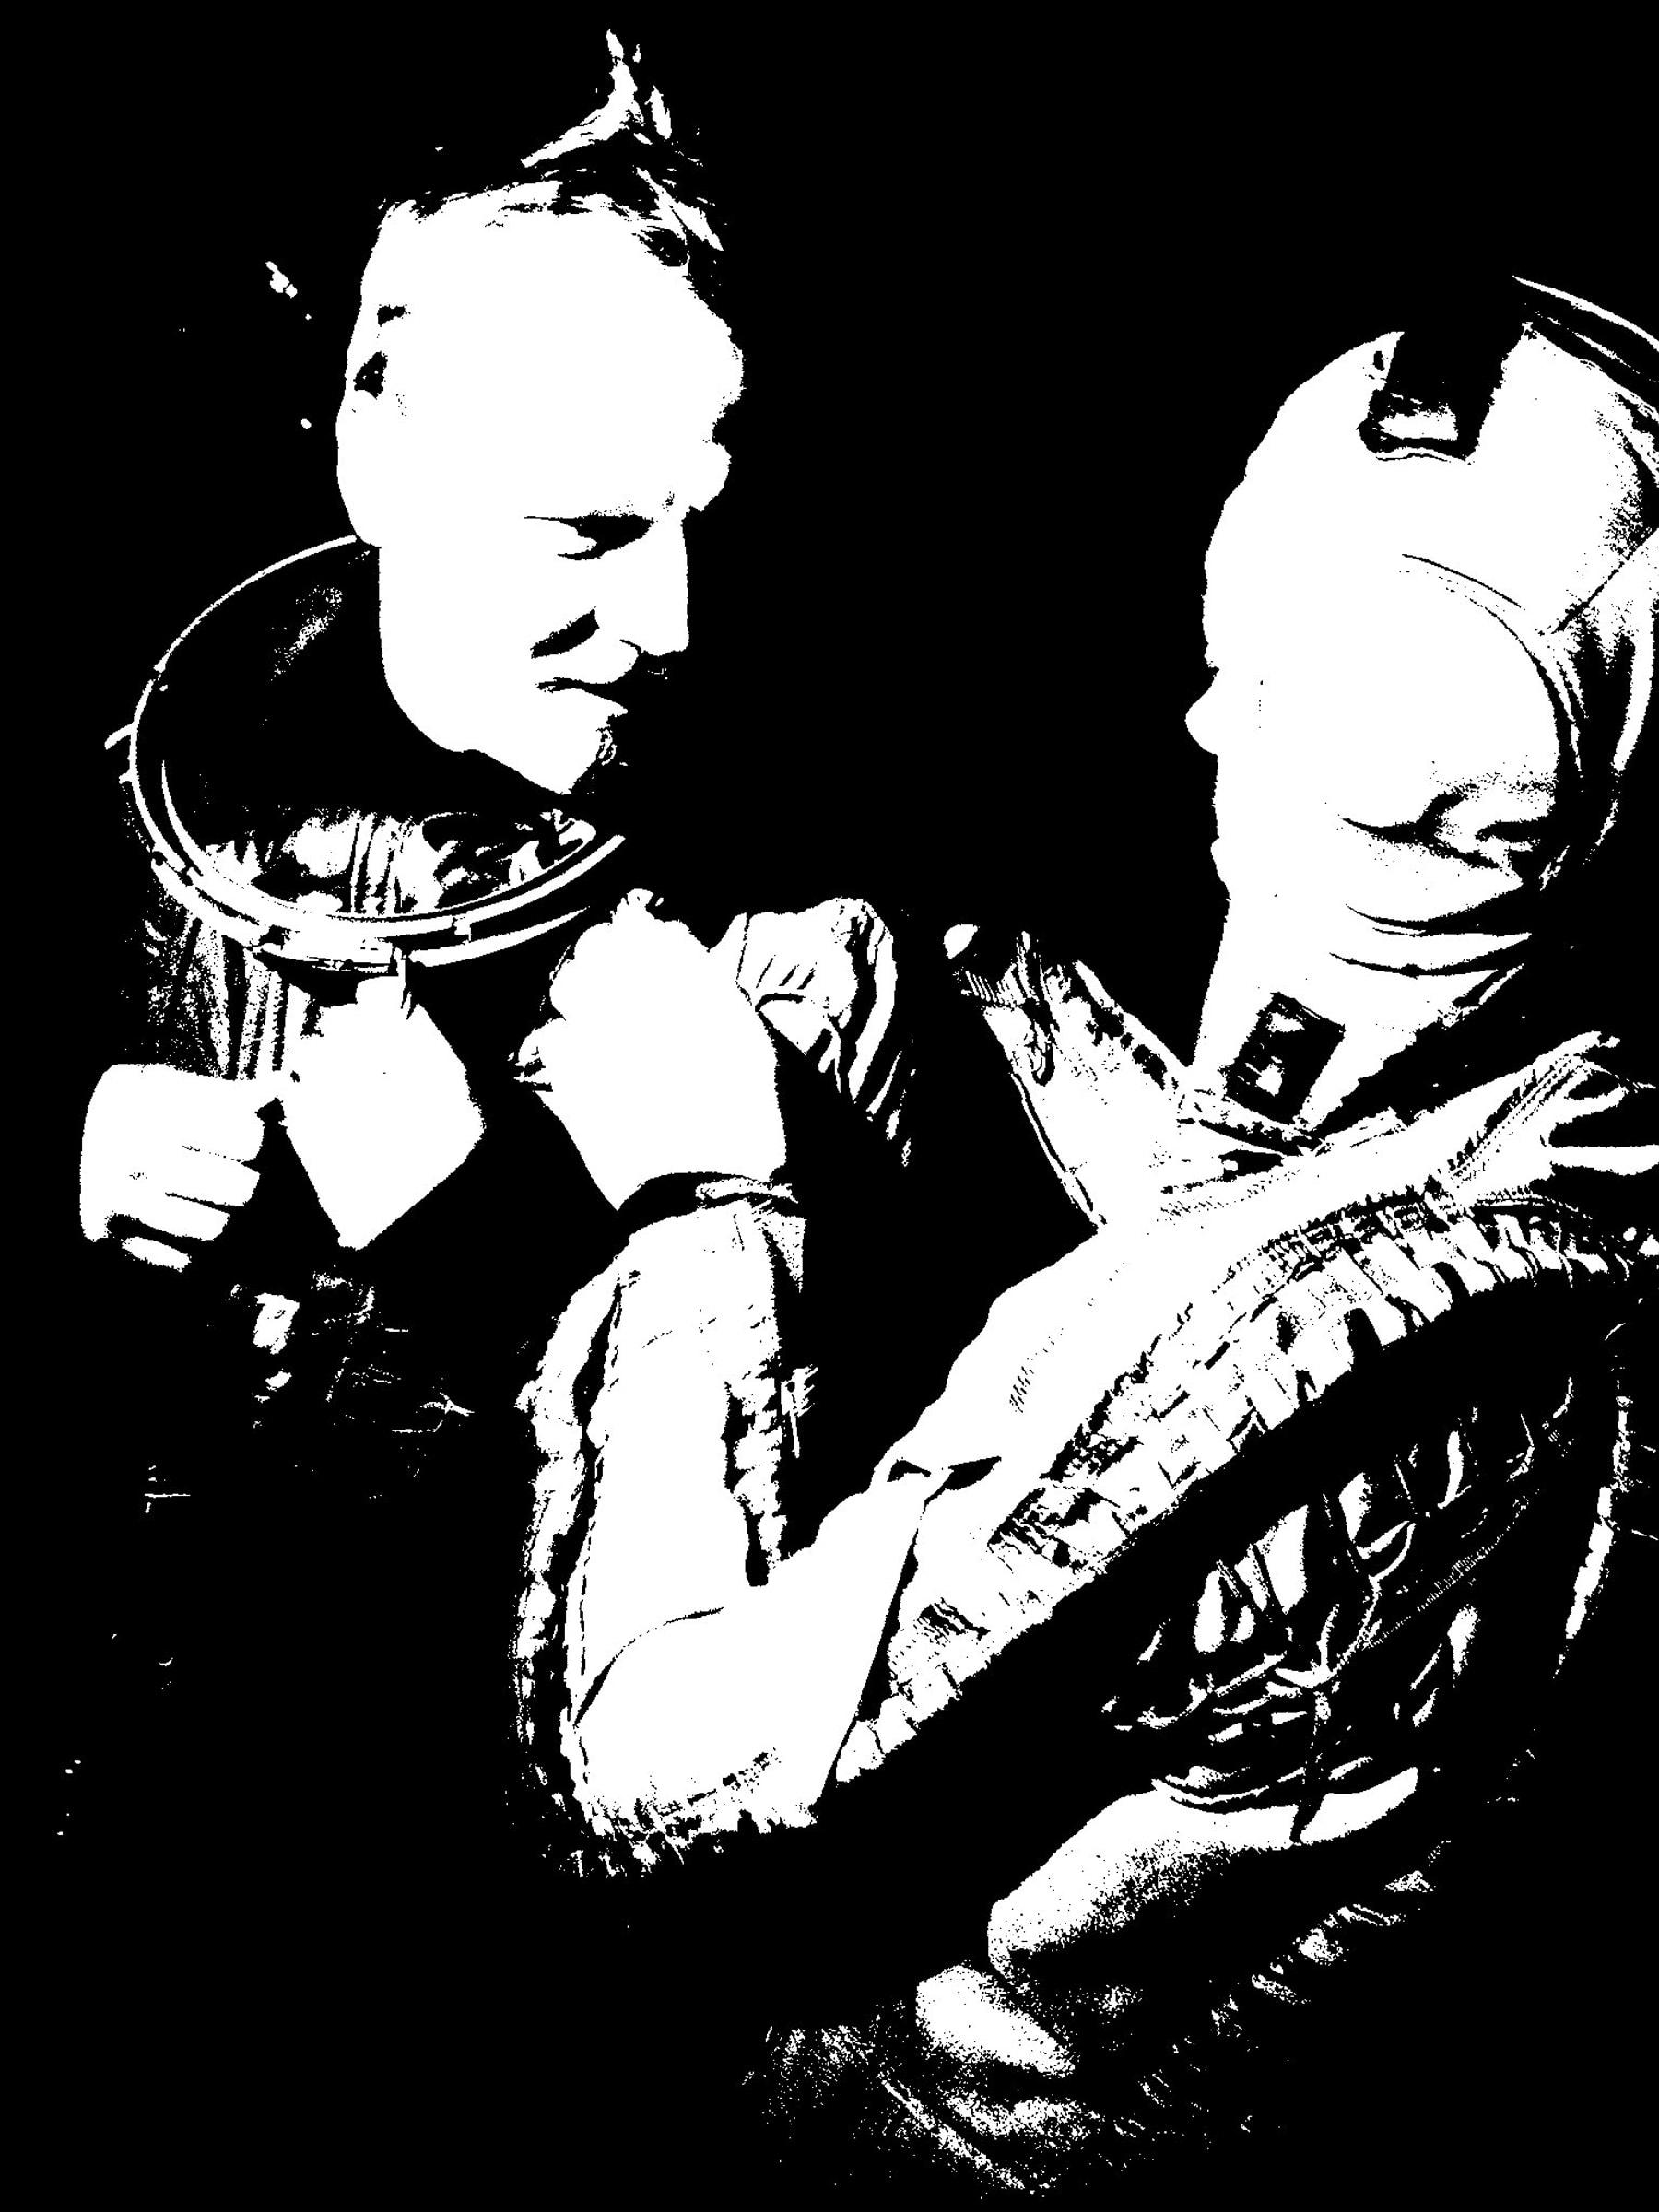 Detail afbeelding 1 van Meteor Musik (photography) | Ontwerp door Stefaan Beeckaert